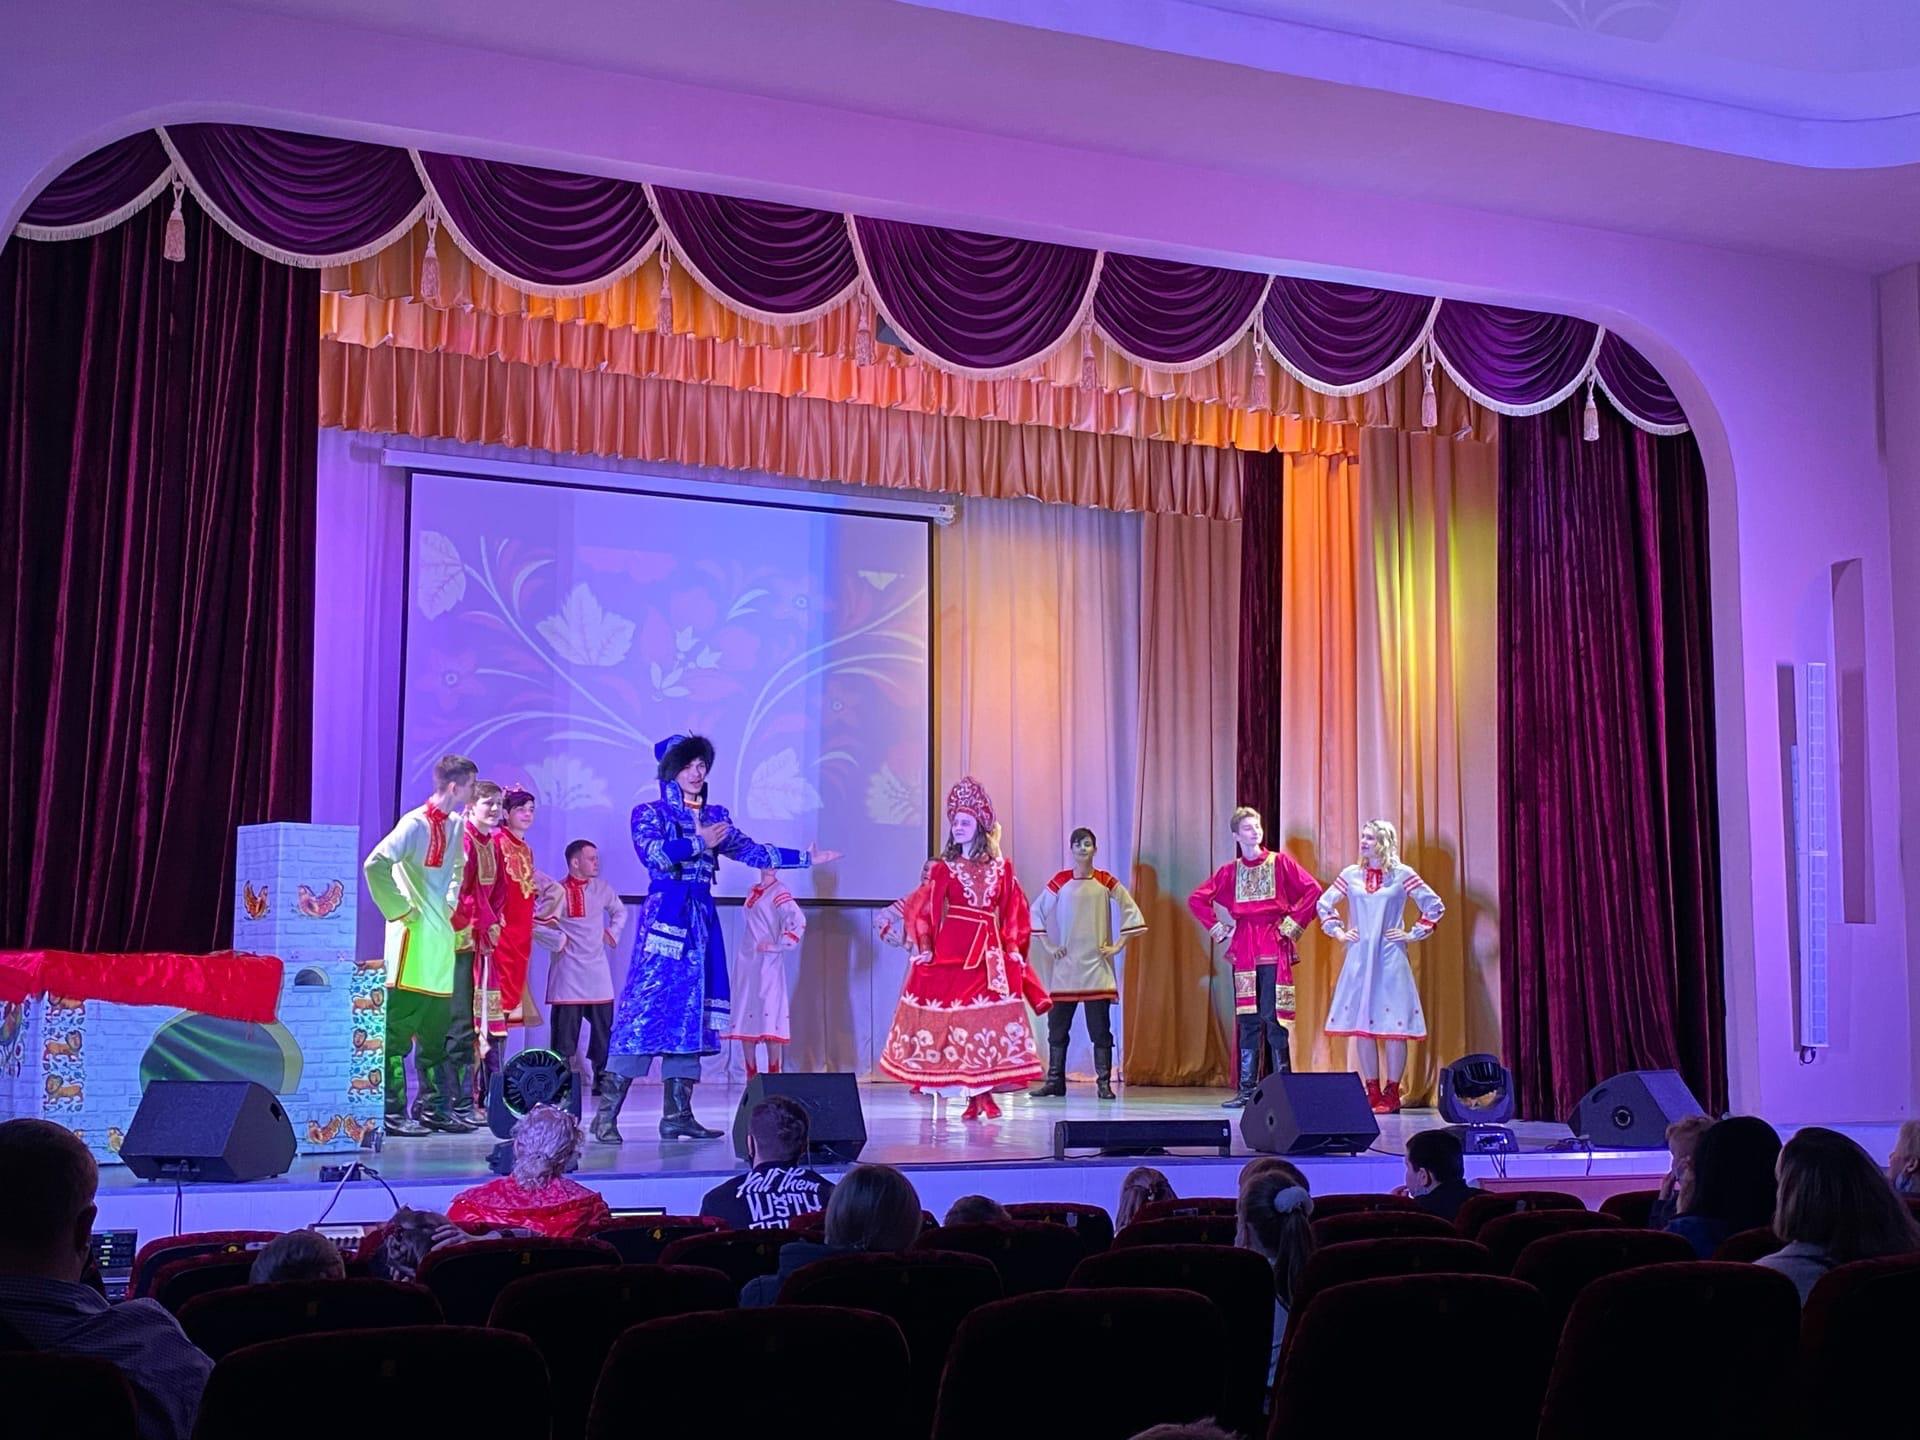 Партпроект «Особенное детство» помог поставить детский инклюзивный спектакль в Ростове